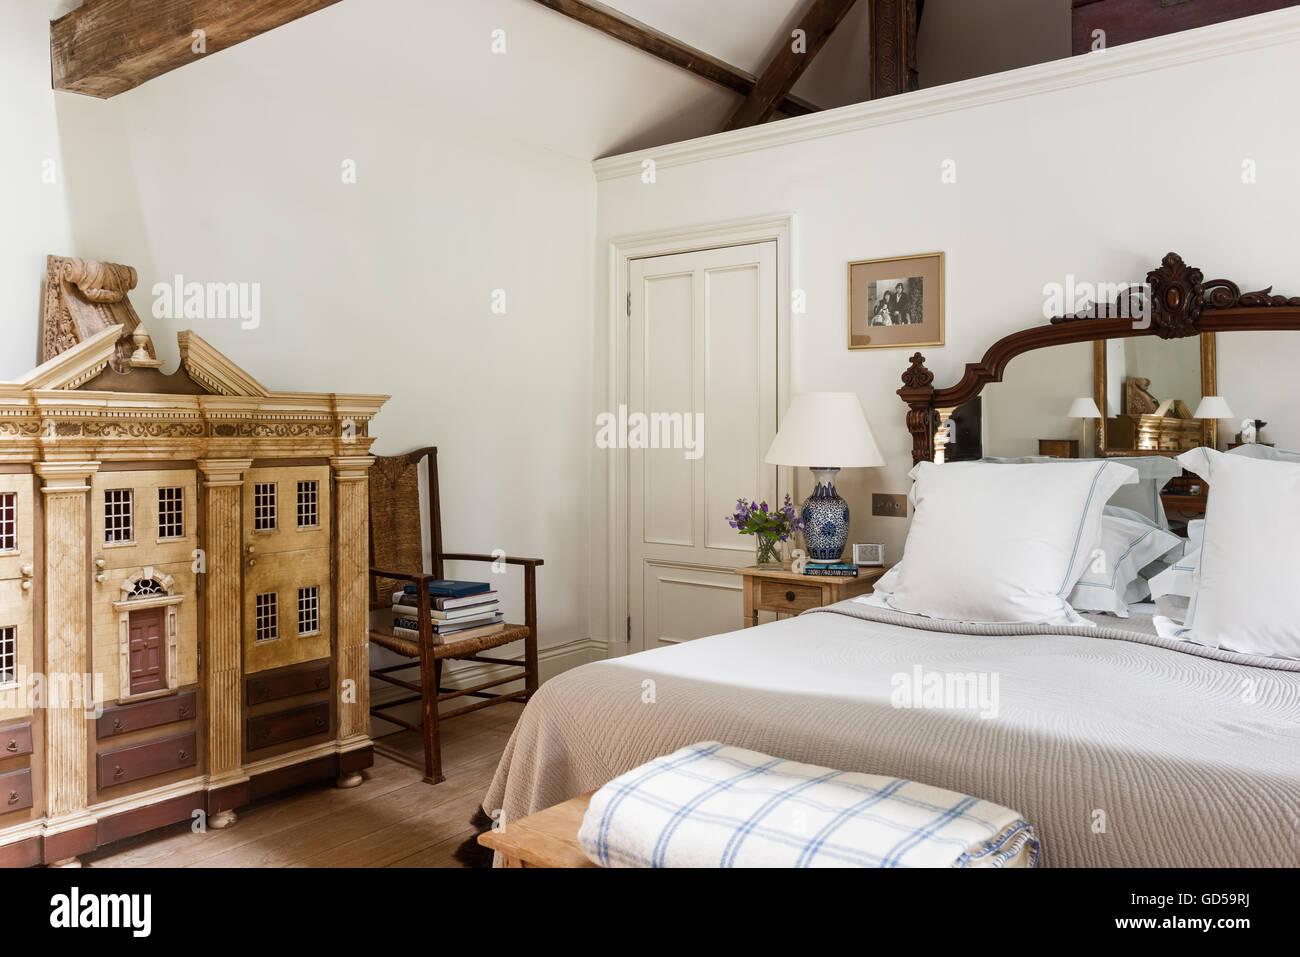 Camere Da Letto In Legno Naturale : Camera in legno naturale mobili su misura a firenze lapi